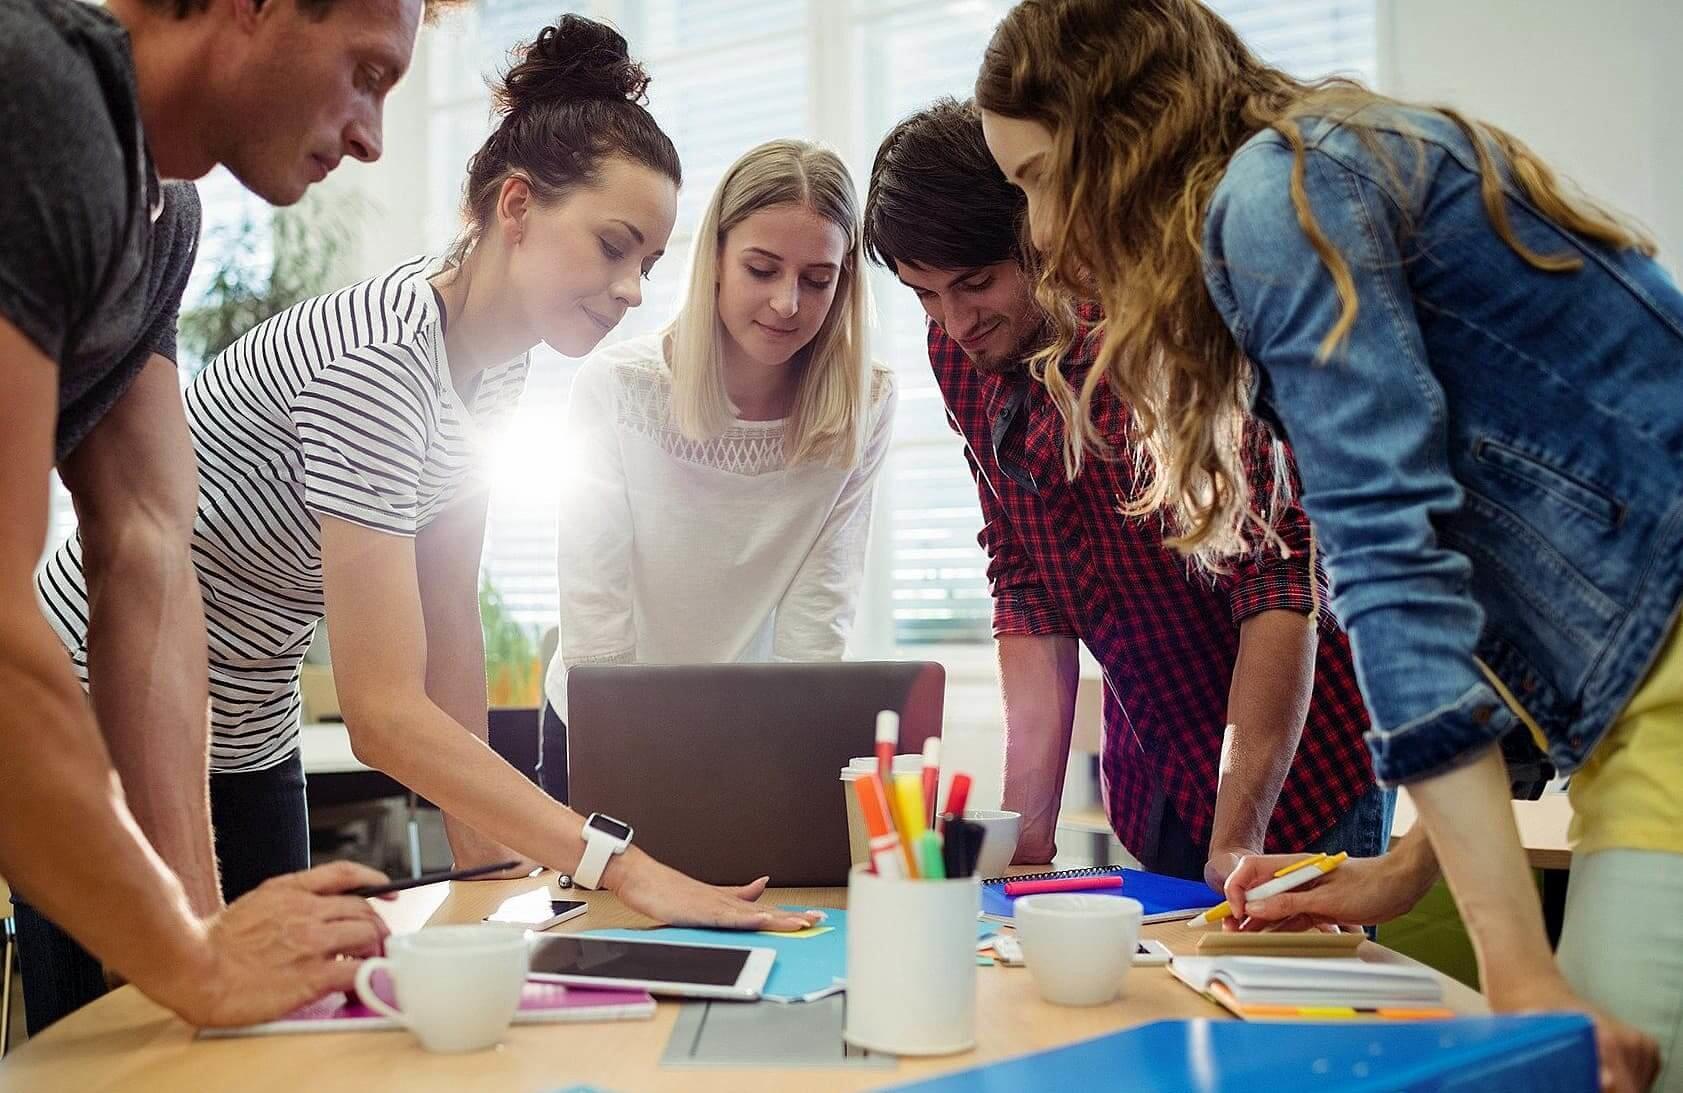 INEHO - Apprendre à communiquer pour améliorer le bien-être dans l'entreprise